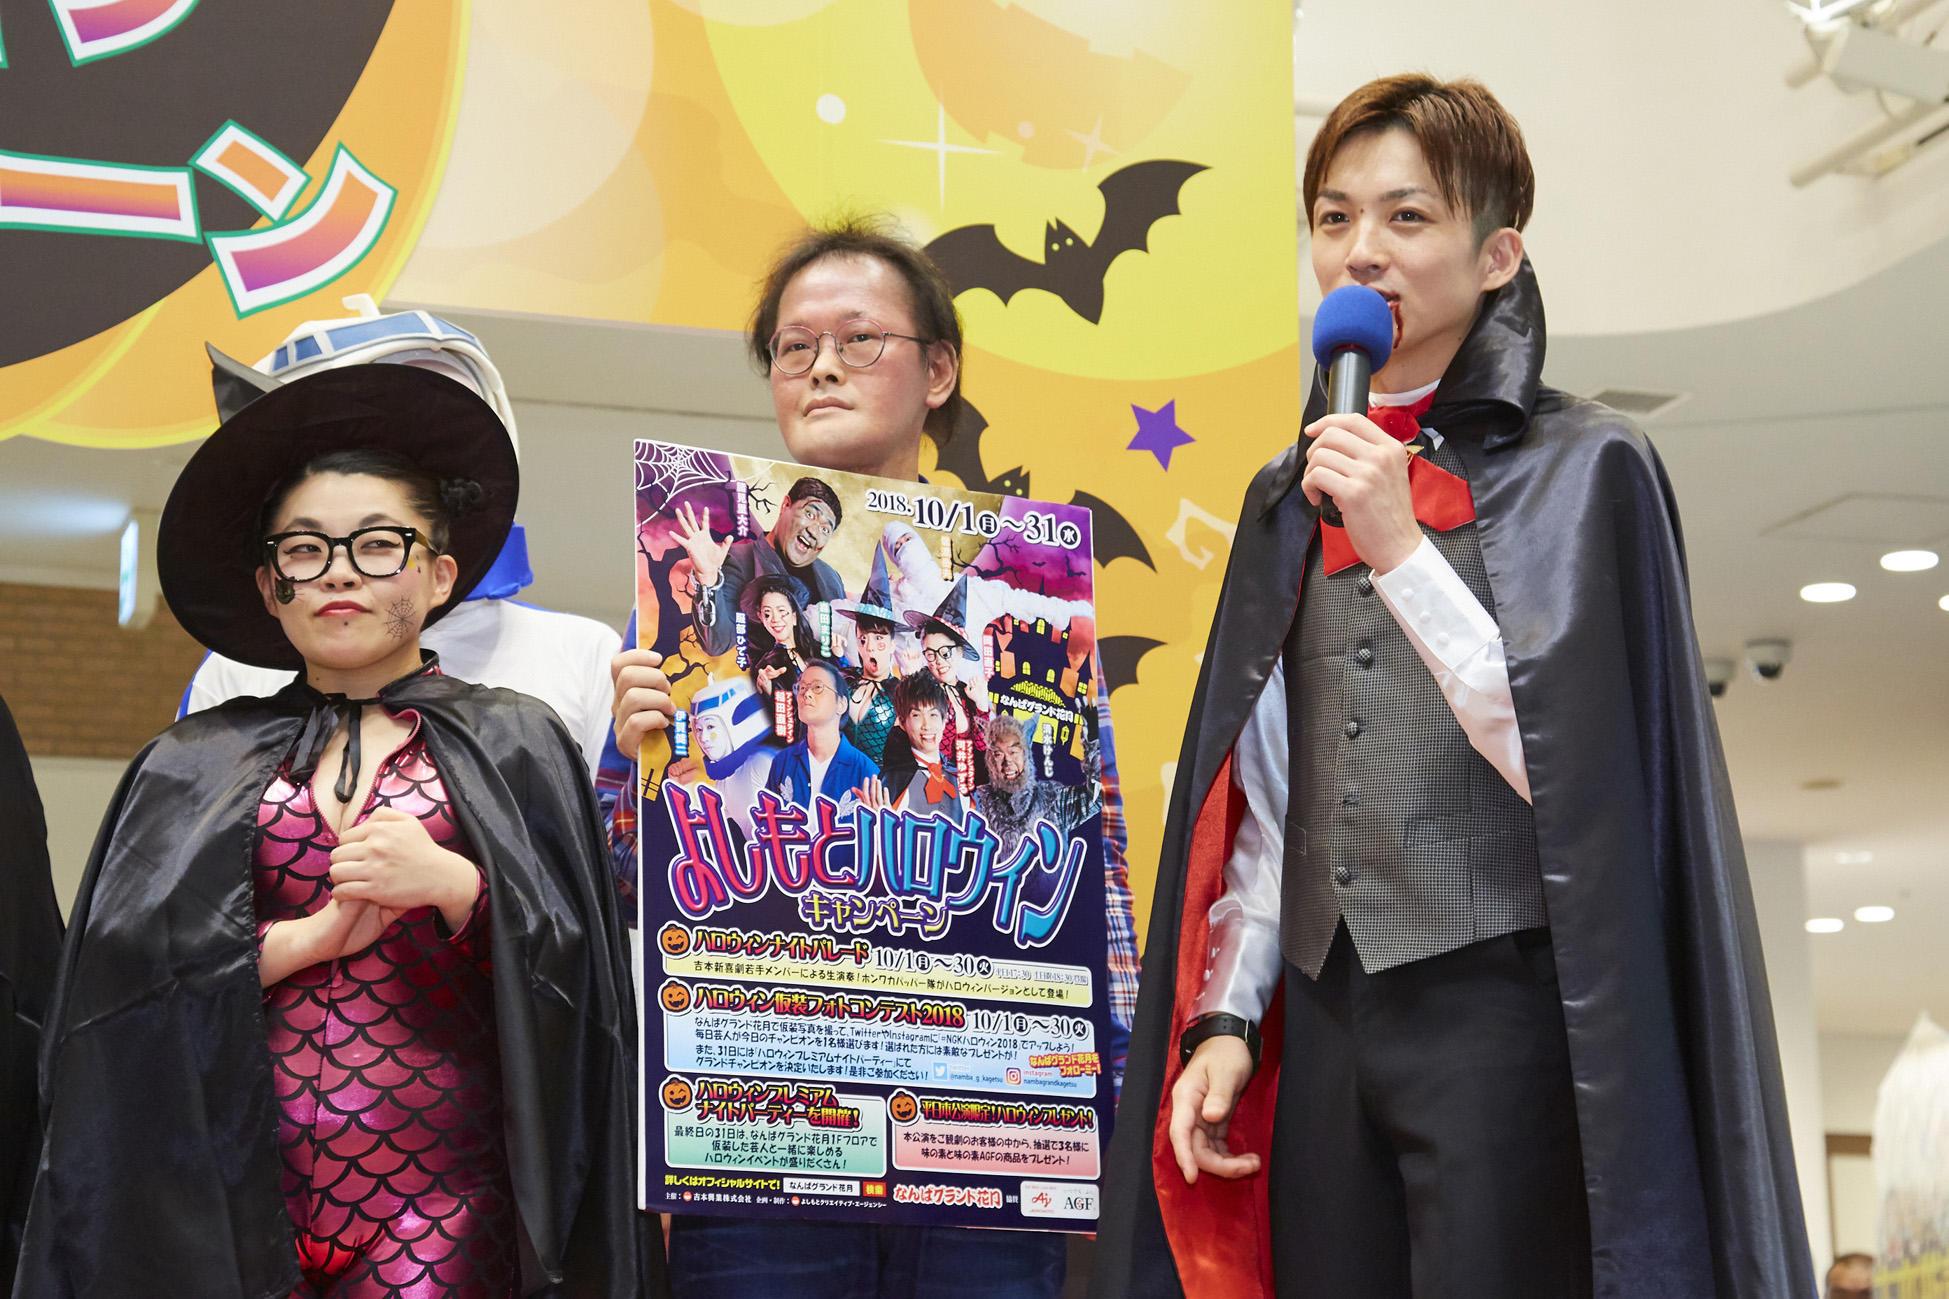 http://news.yoshimoto.co.jp/20180921221737-3d38f90f9dfb0f29142006a9b67abce68bdefb5b.jpg